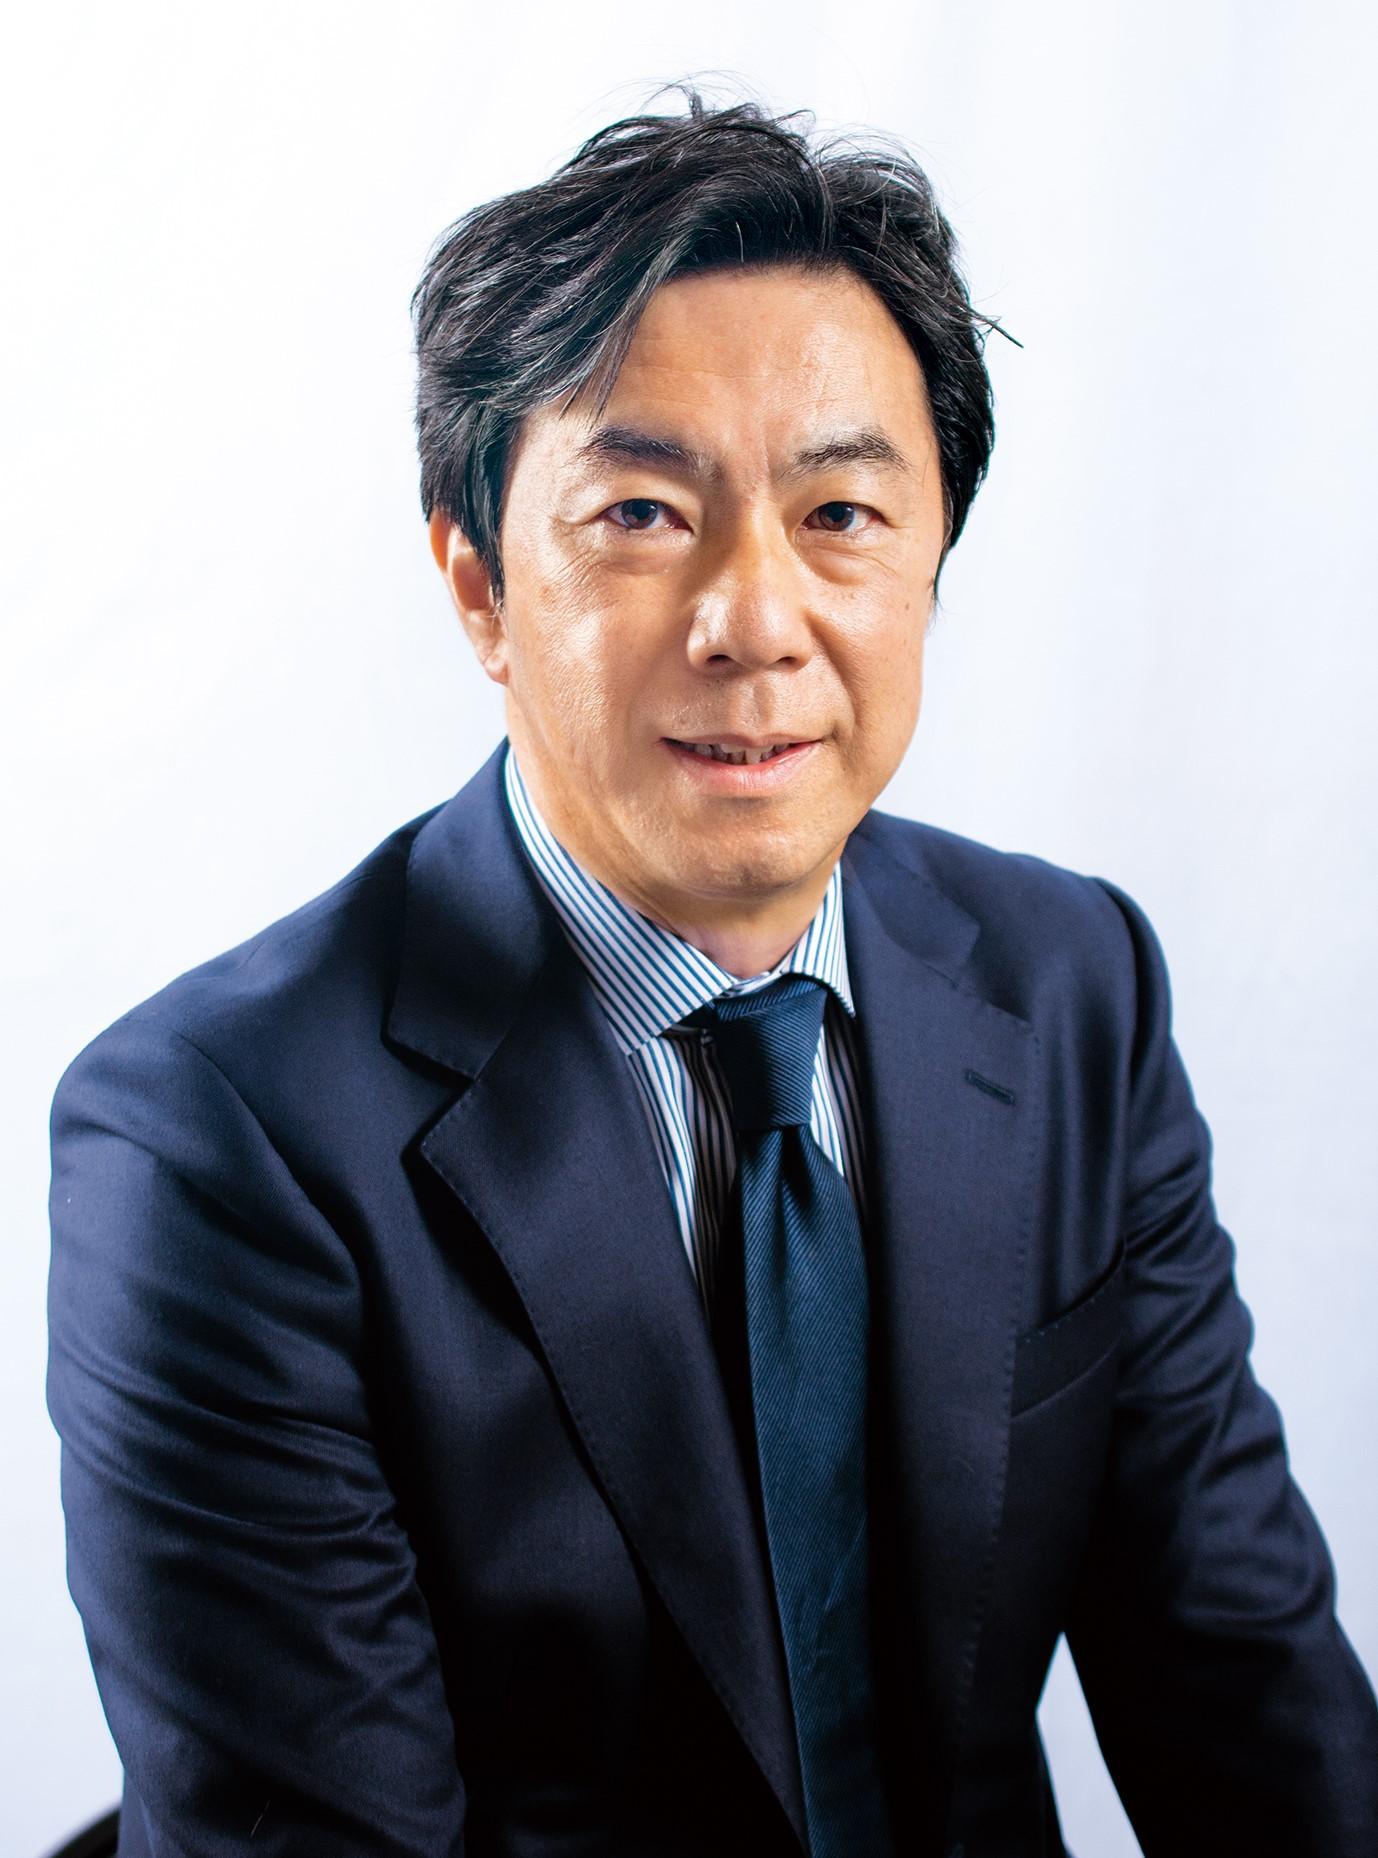 代表取締役社長 井口 貴嗣